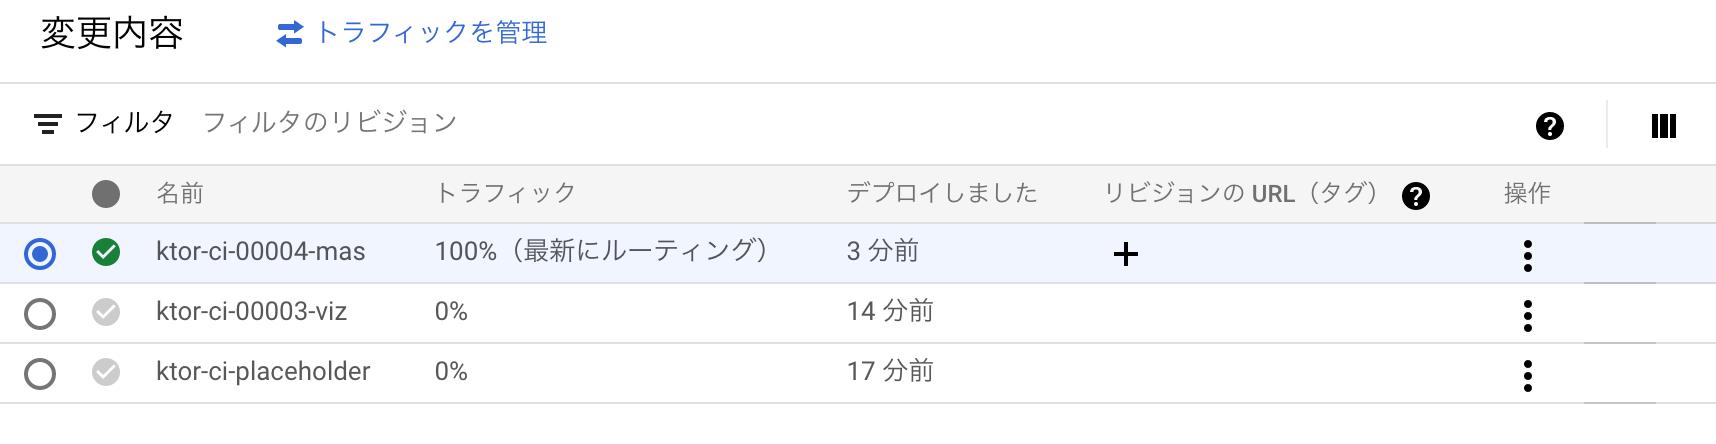 スクリーンショット 2021-08-08 16.13.43.png